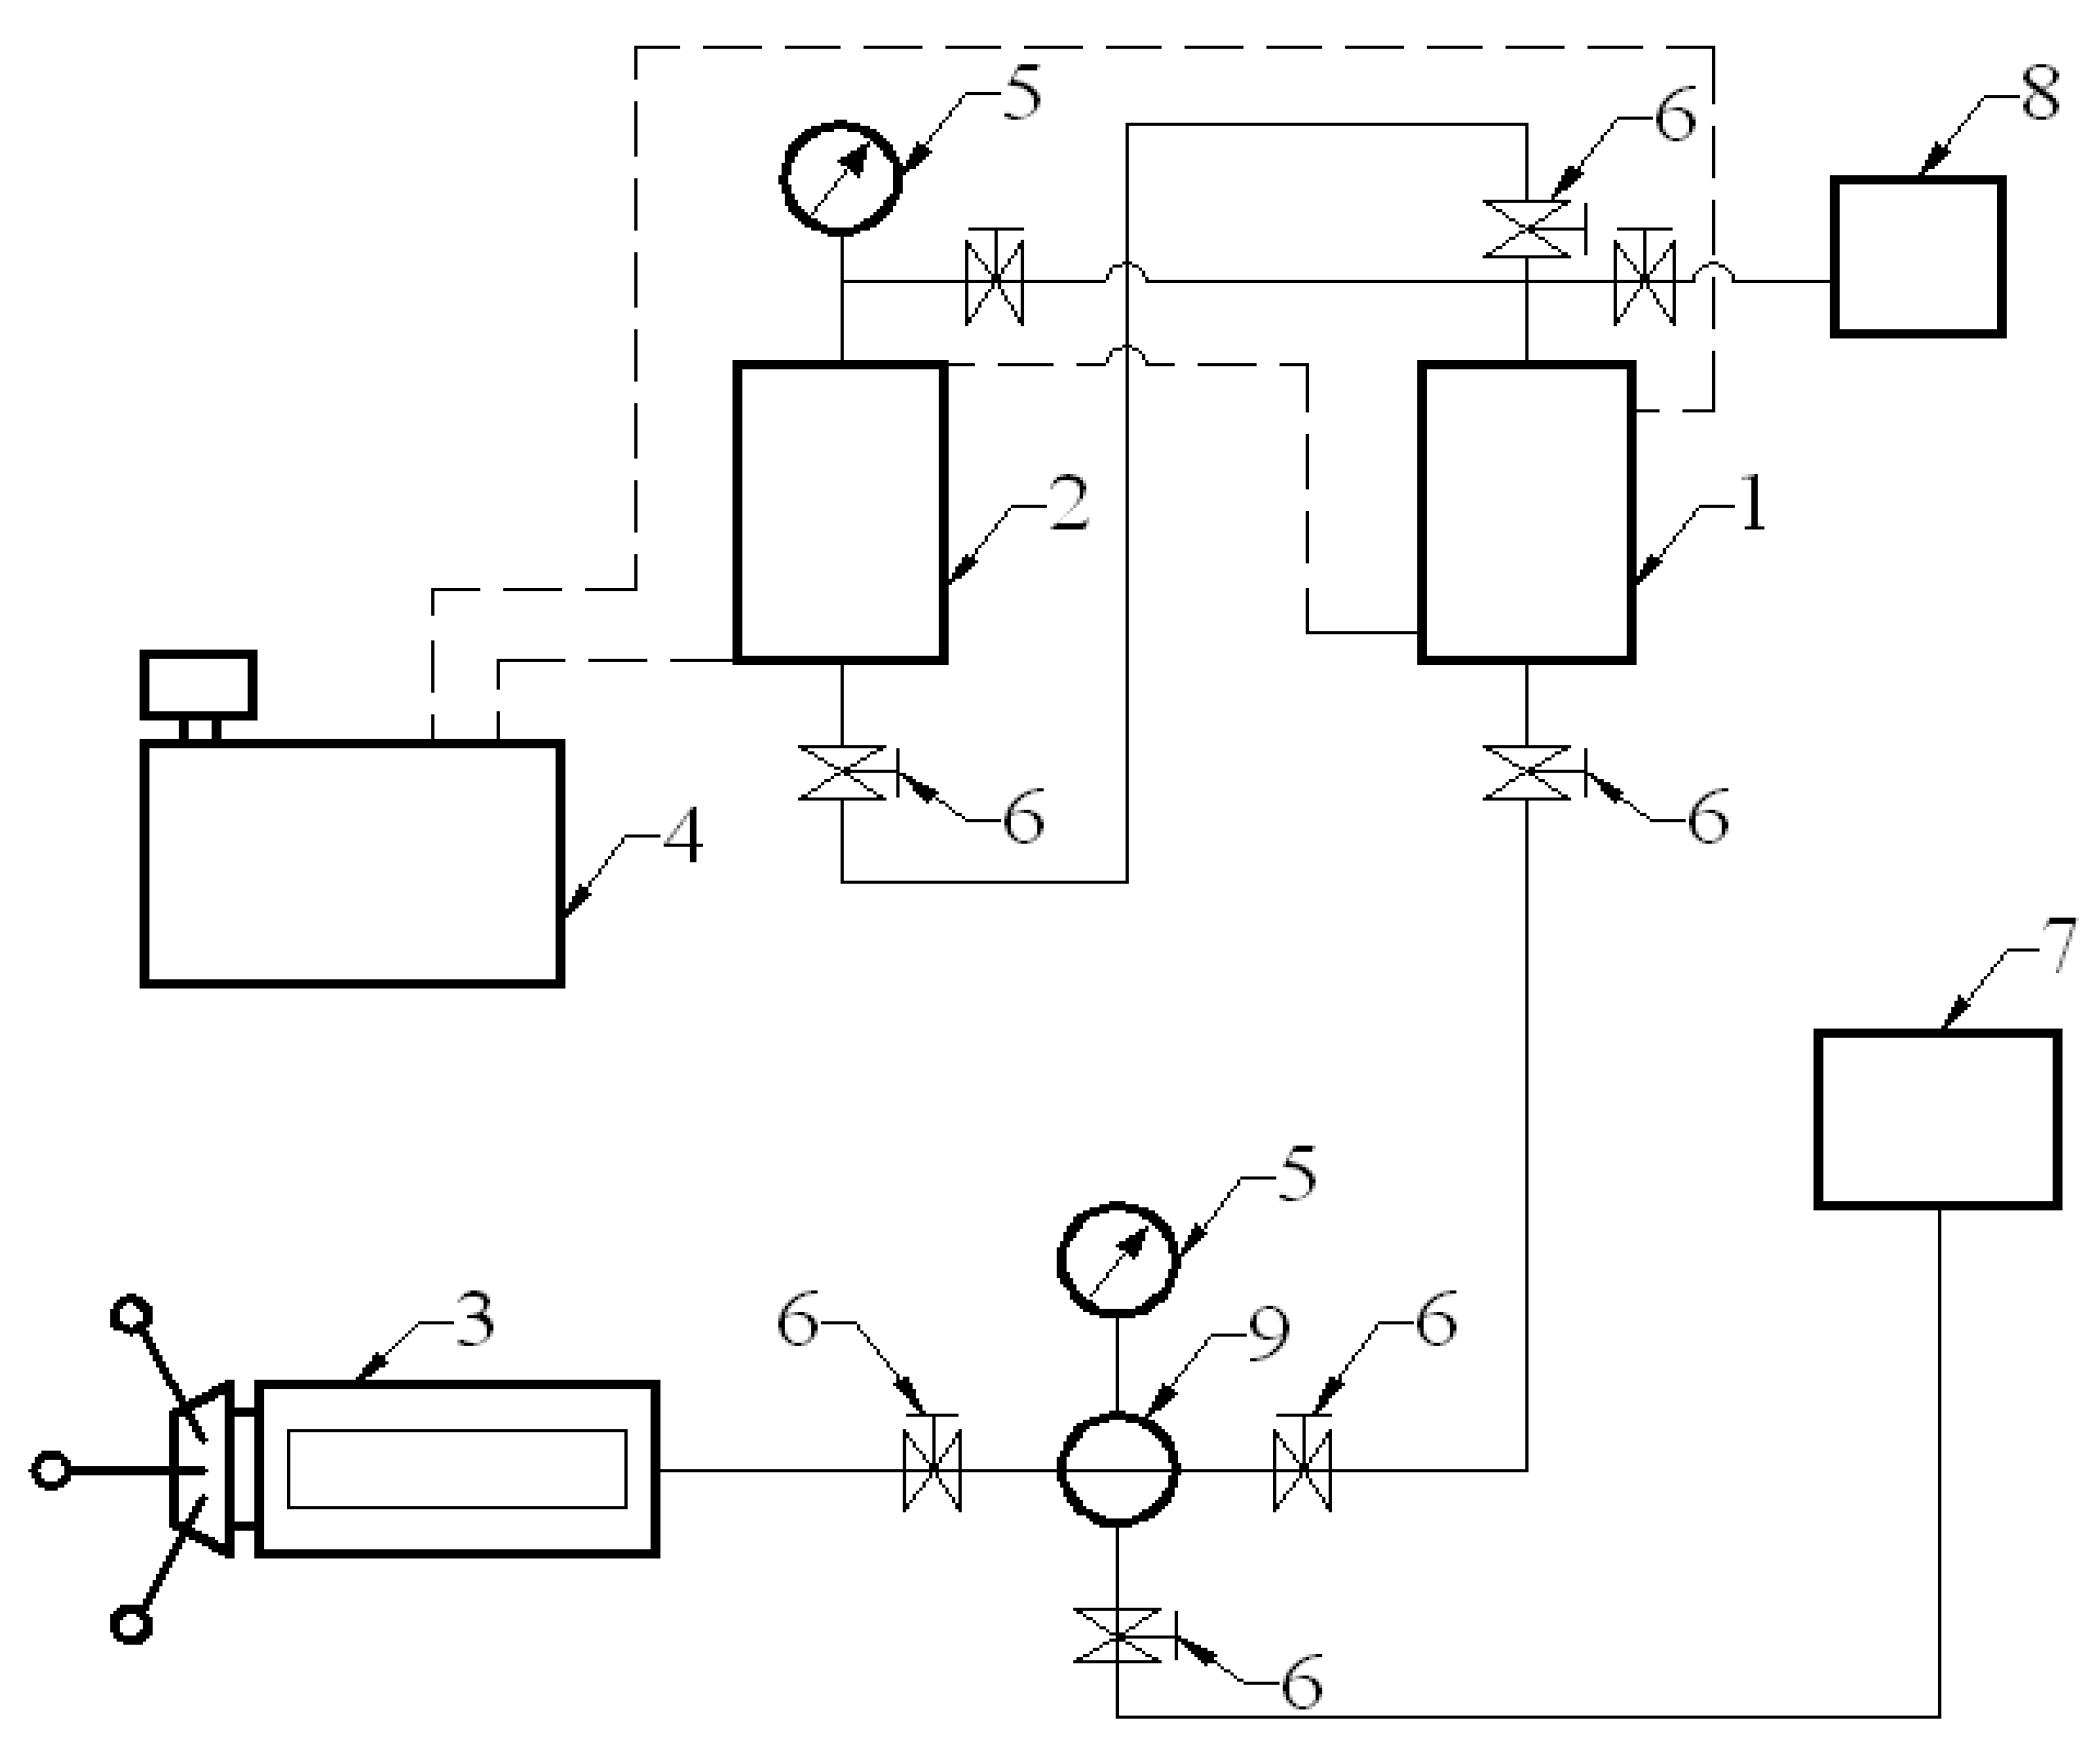 Square D Qo Load Center 100 Amp Circuit Breaker Box - Auto ... on